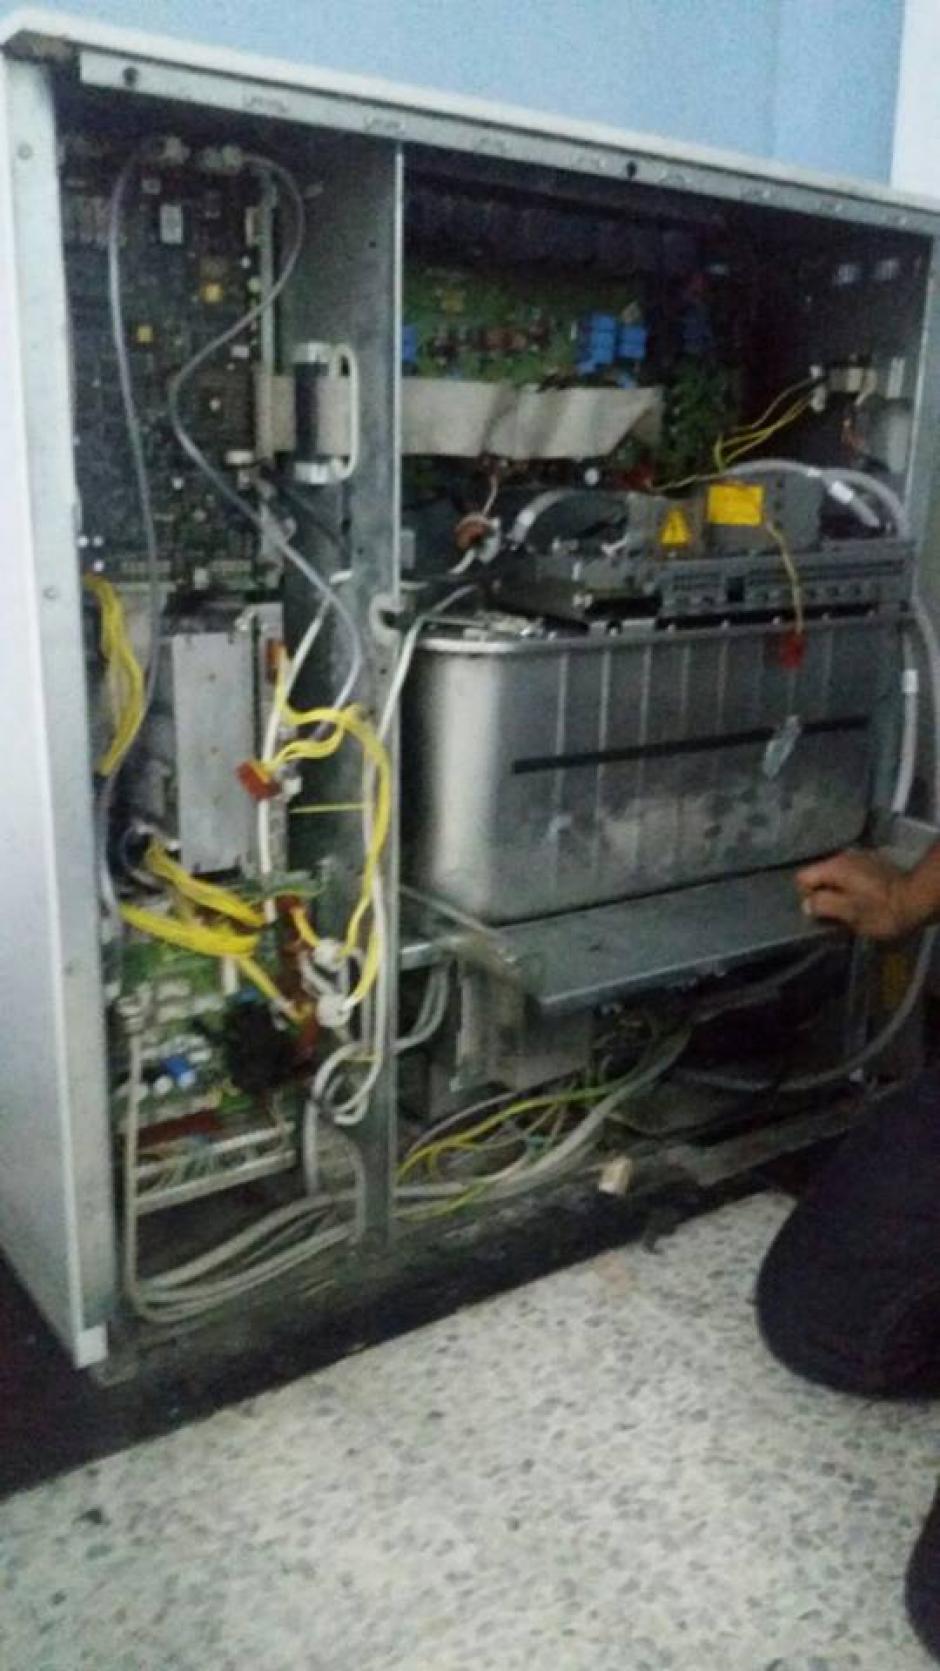 El centro asistencial recibe a entre 150 y 200 personas diariamente que necesitan rayos X (Foto: Facebook/Curemos Guate)